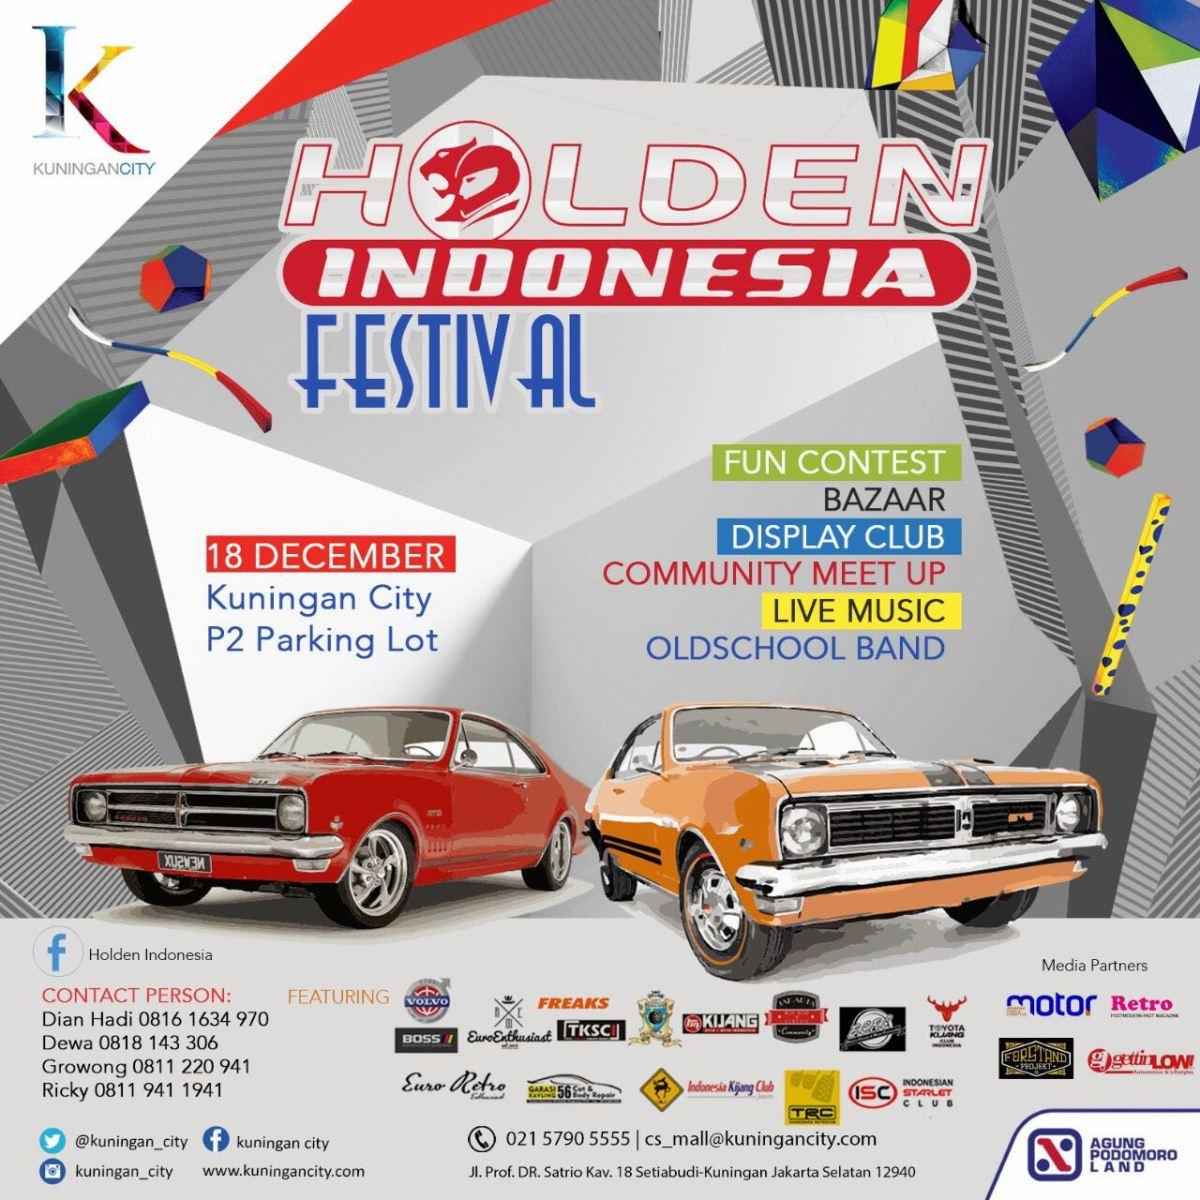 HOLDEN INDONESIA FESTIVAL